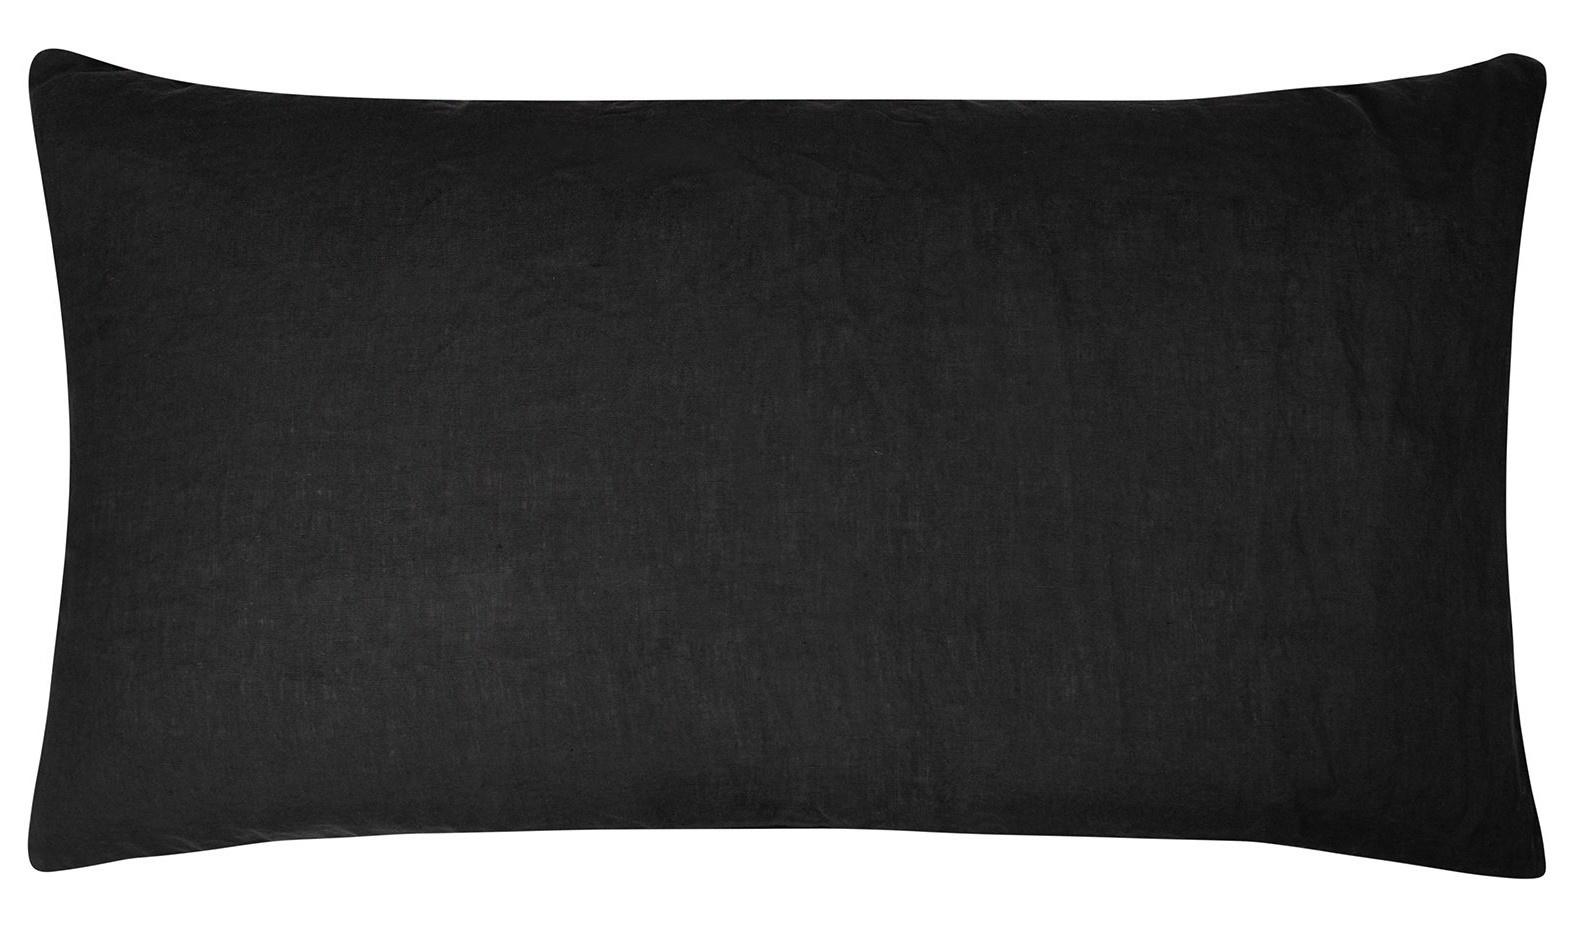 Kussenhoes Linen pillow long zwart-2